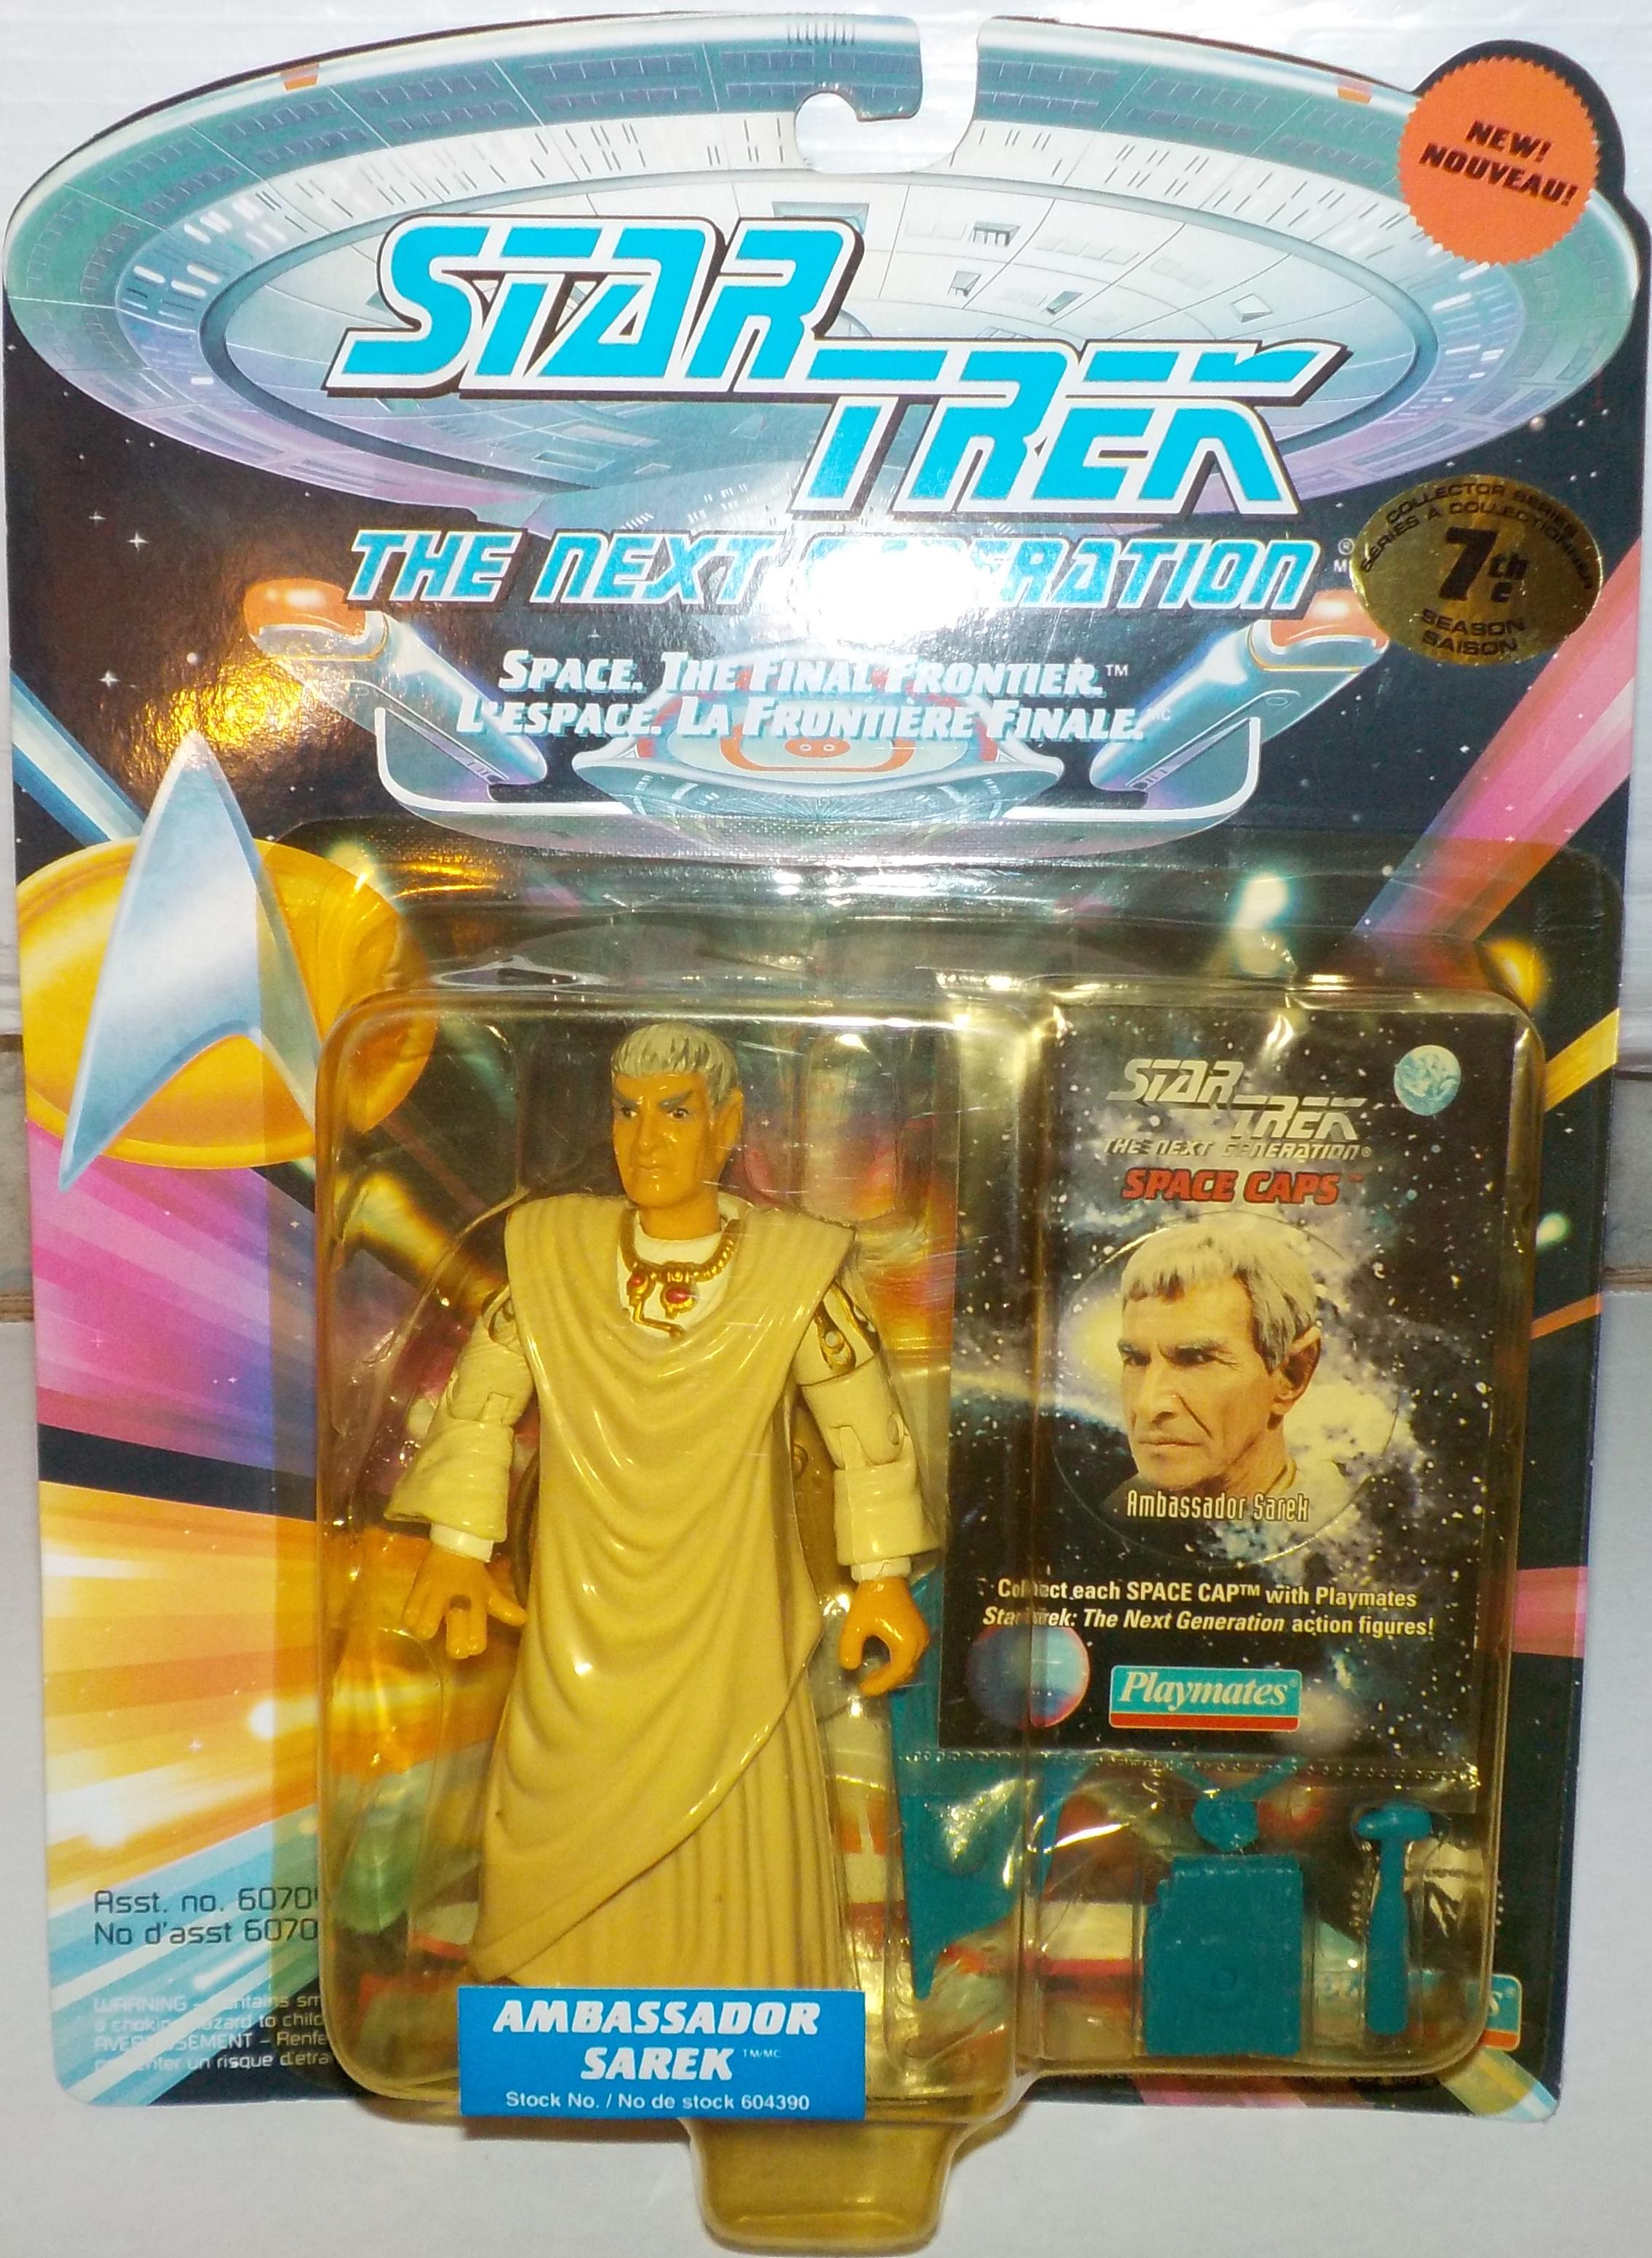 ambassadors-sarek-space-cap